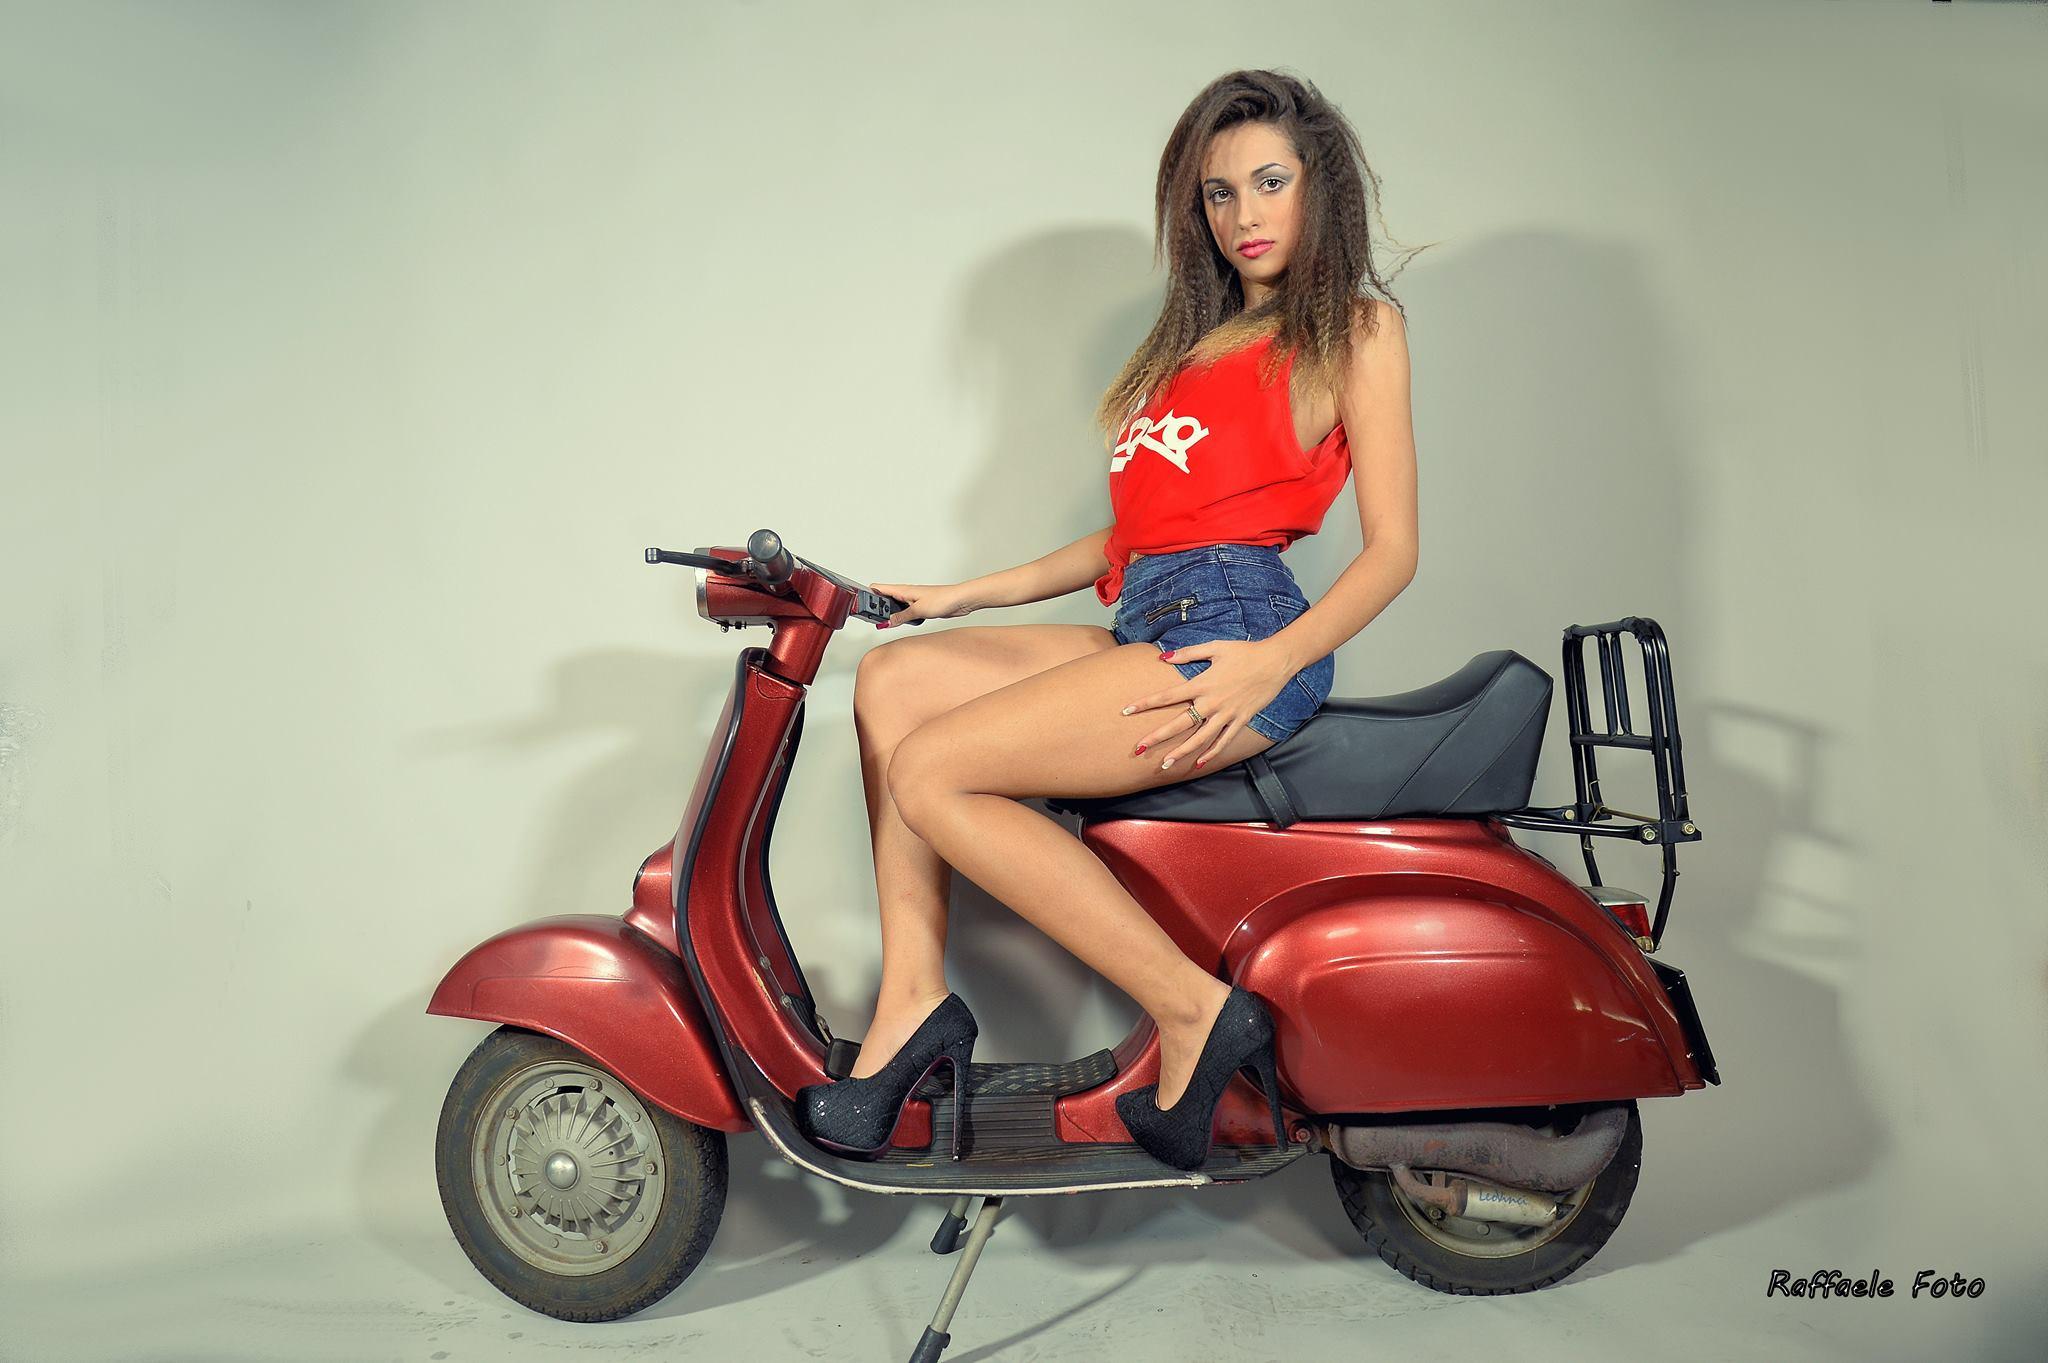 Martina D'Emilio, è la bellissima e giovanissima protagonista del nostro editoriale, nonostante la sua giovane età (16 anni da poco compiuti), ha già raggiunto diversi traguardi nell'ambito della moda e […]